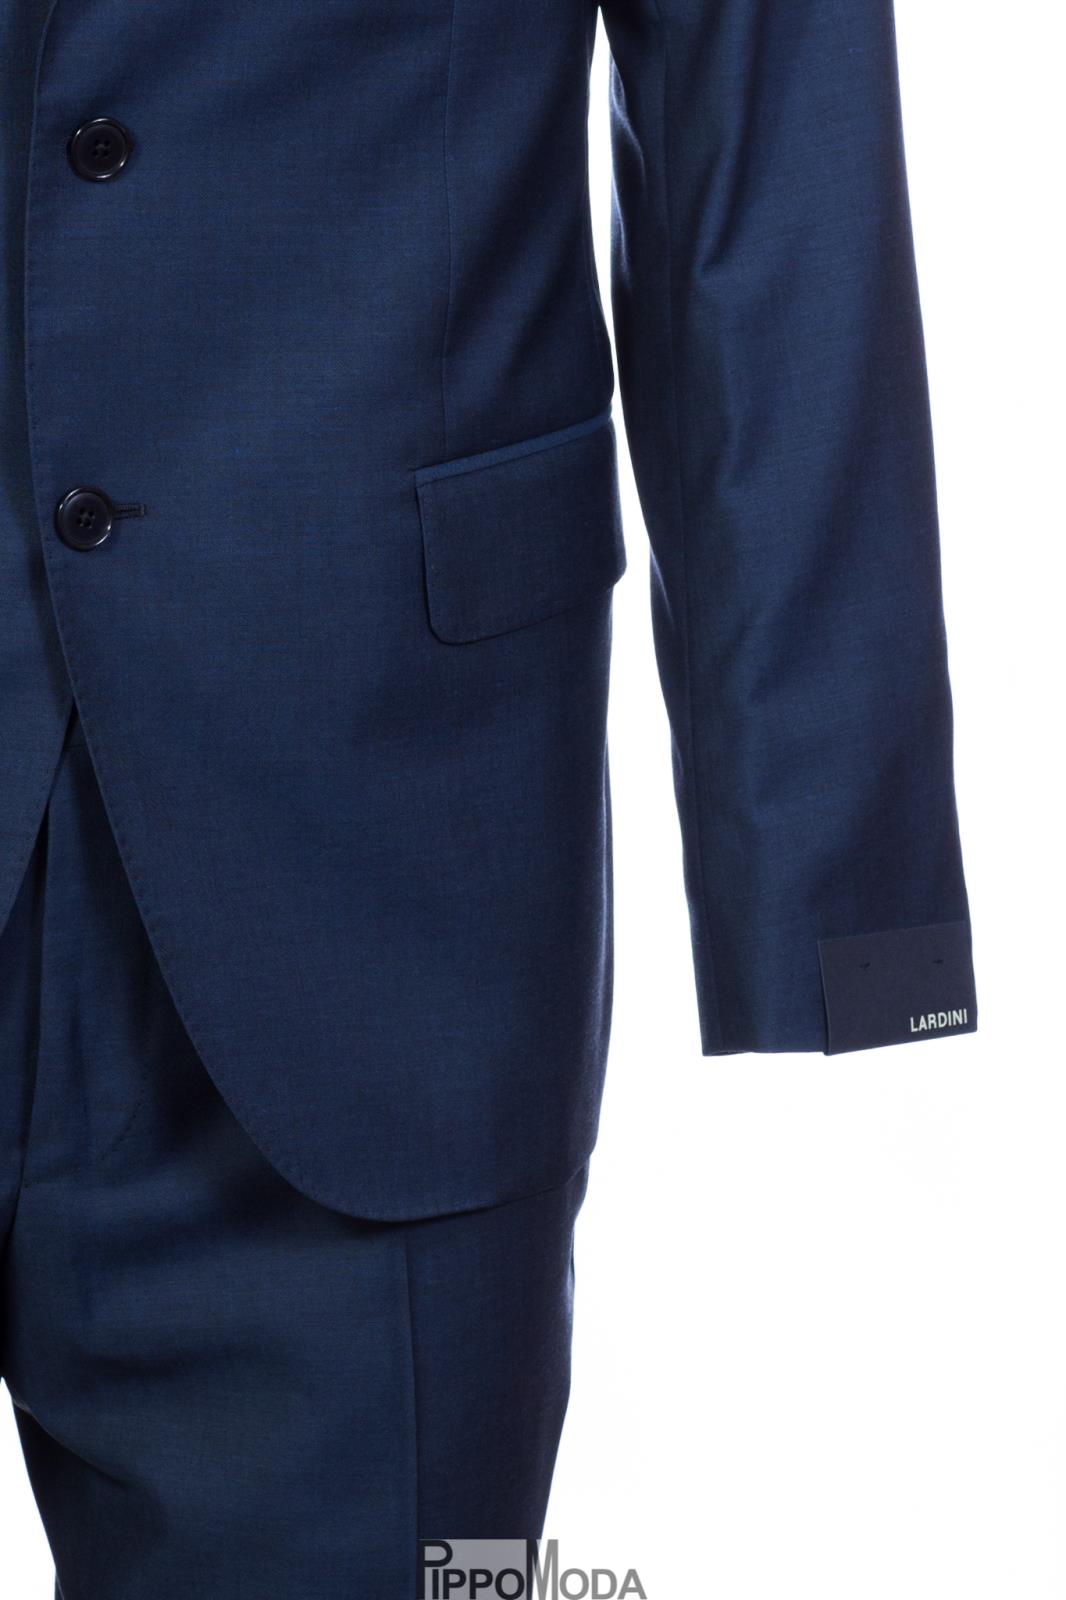 Abito Lardini uomo blu in fresco lana 9e486d70699